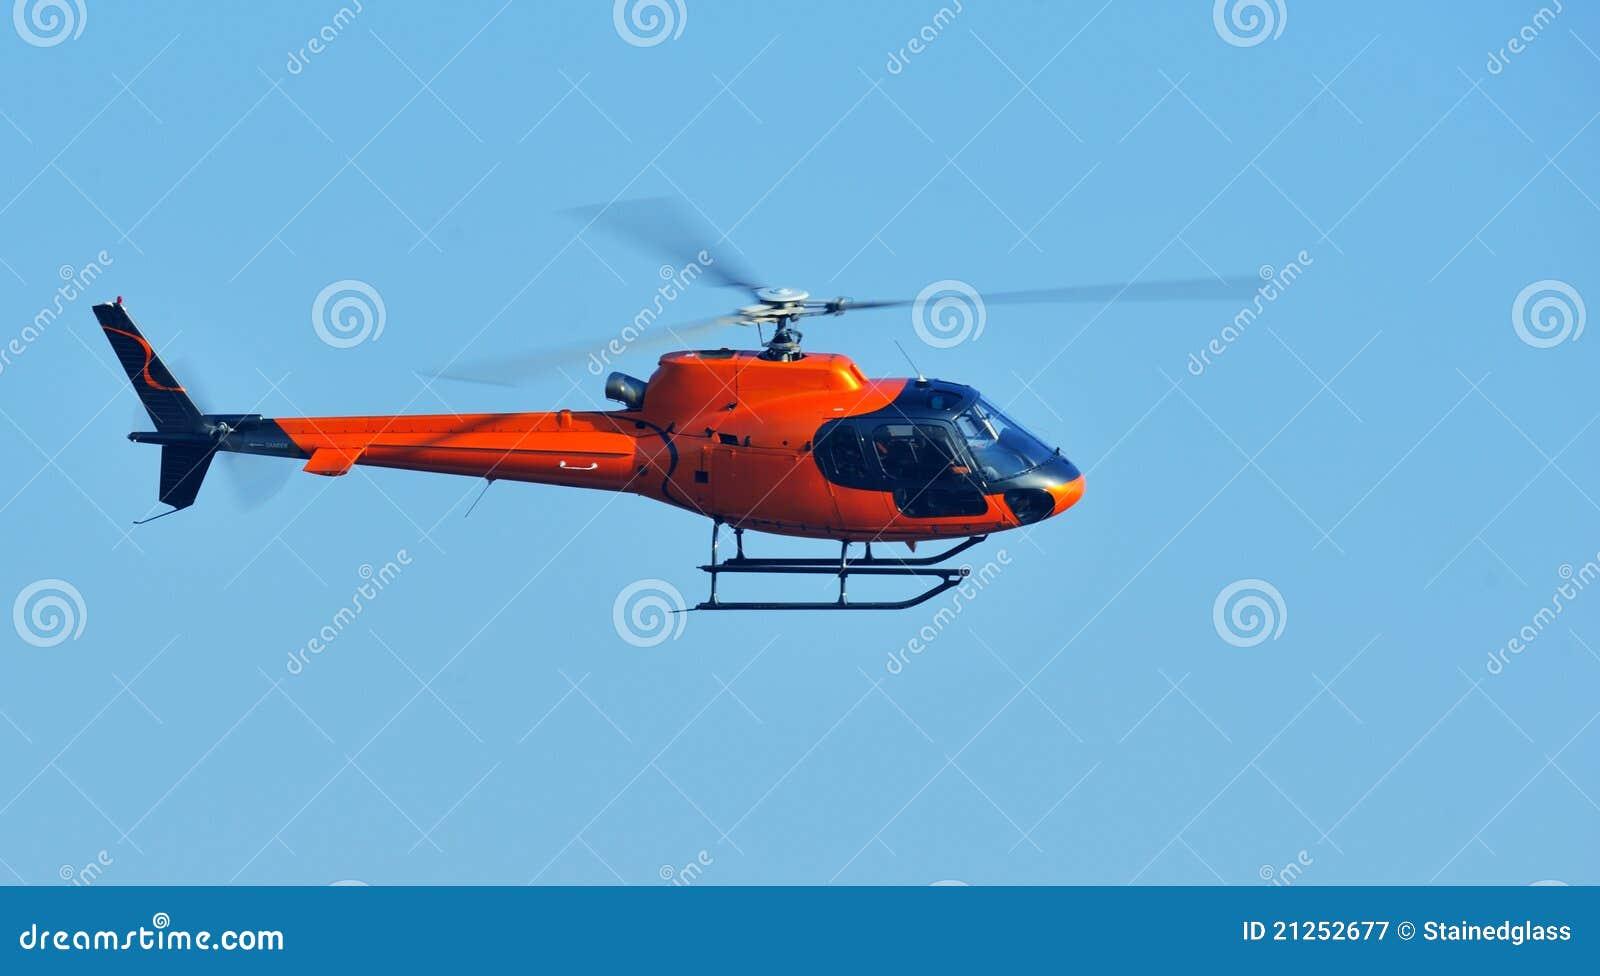 Elicottero arancione